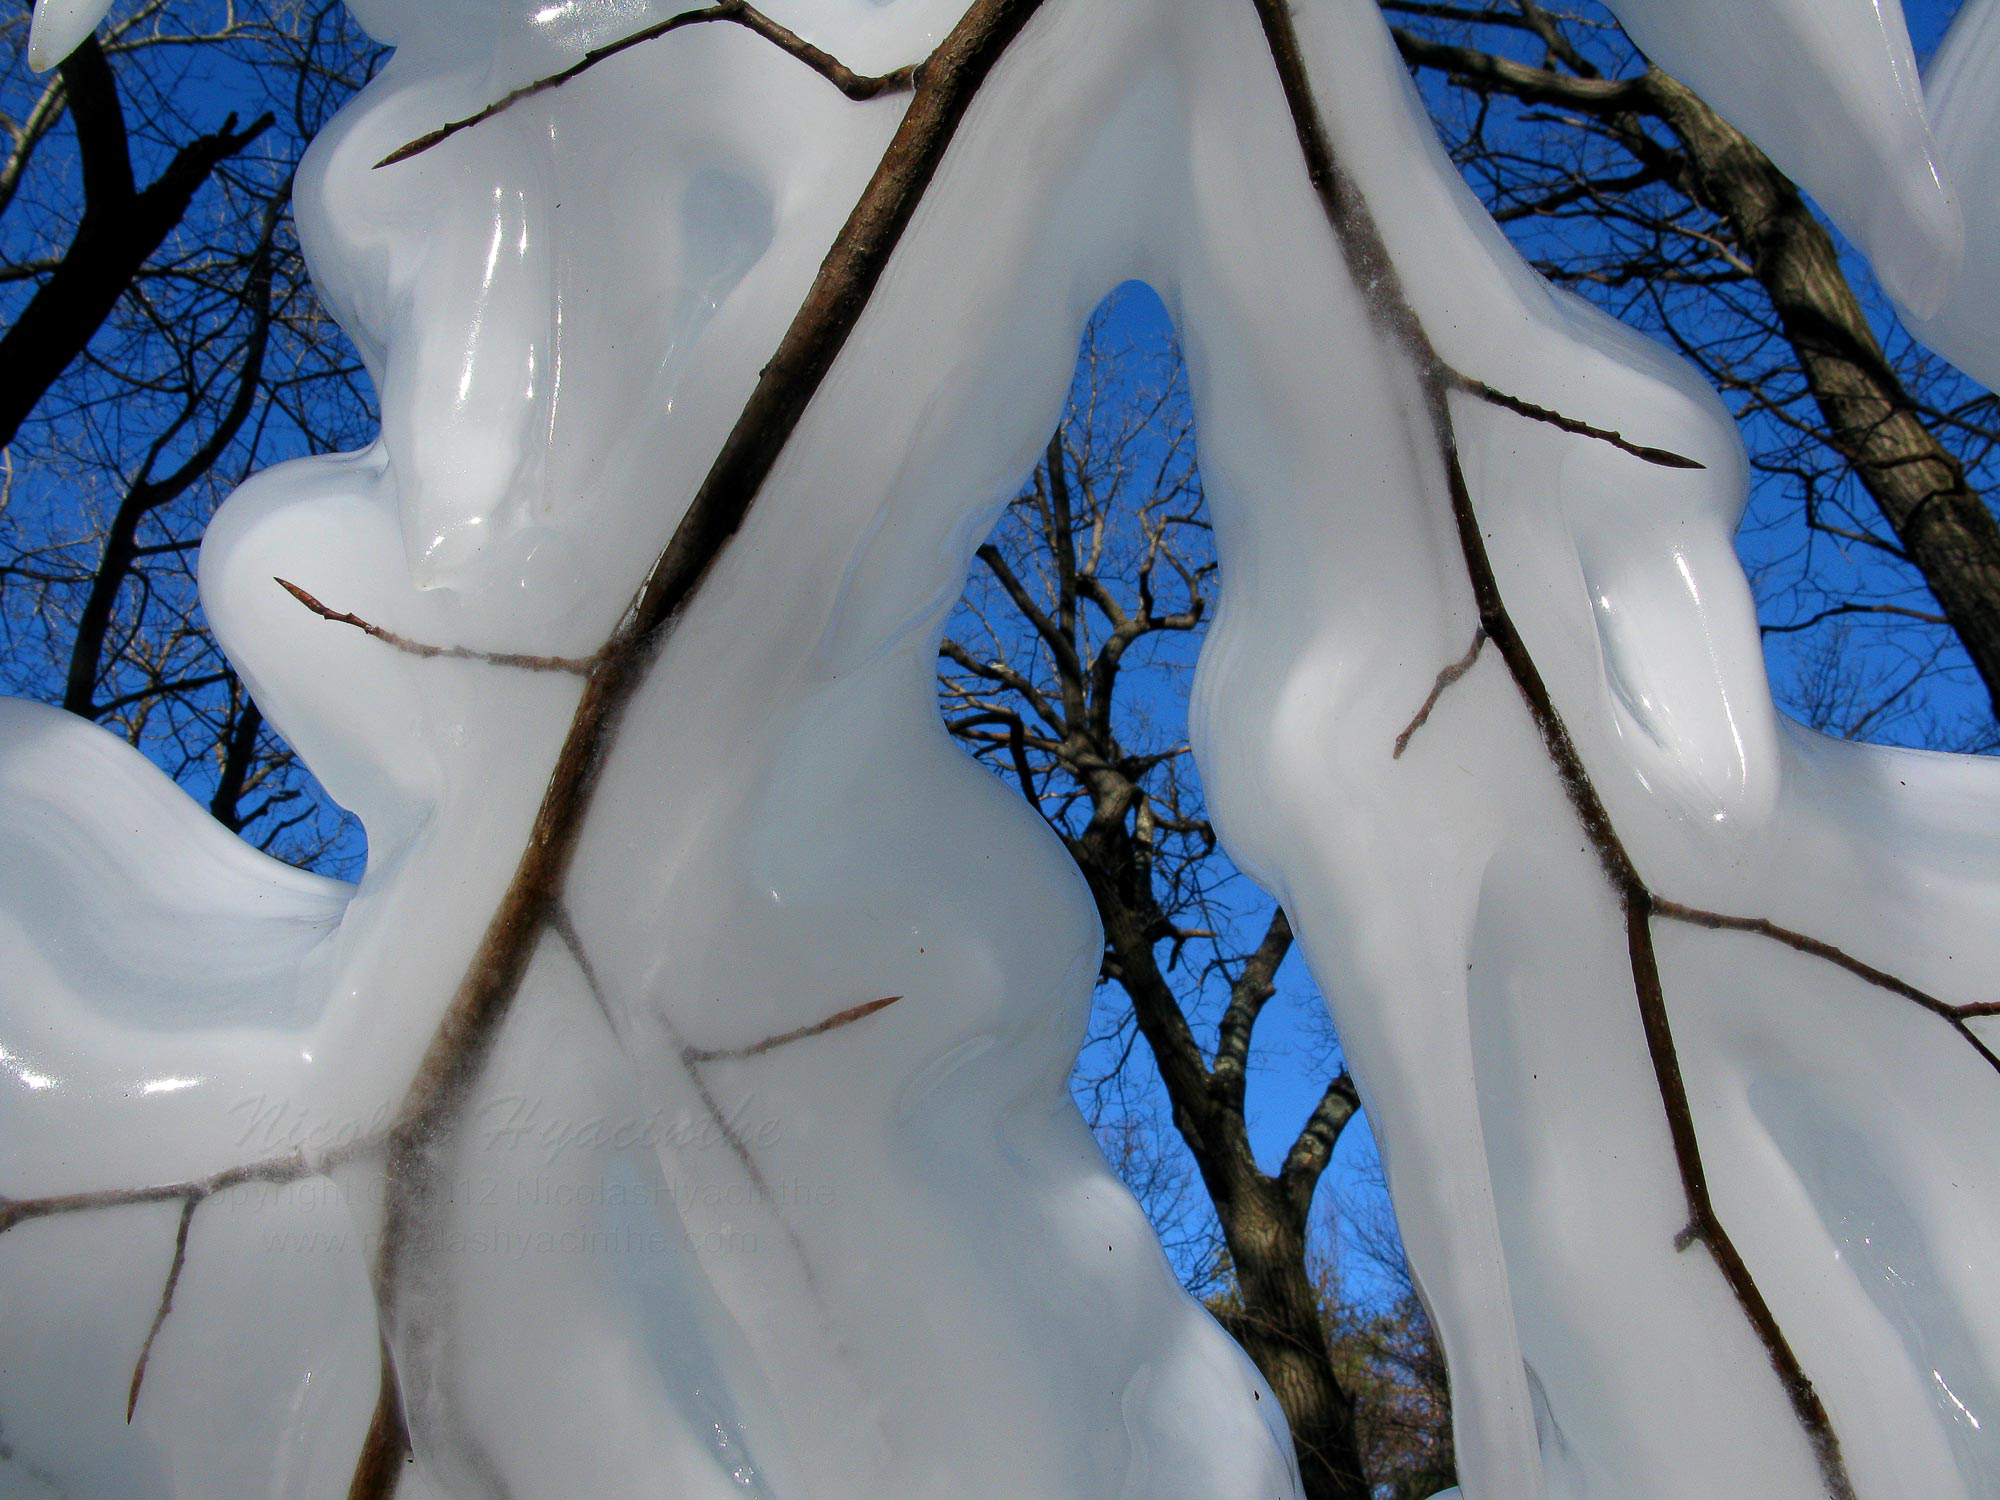 ice & trees